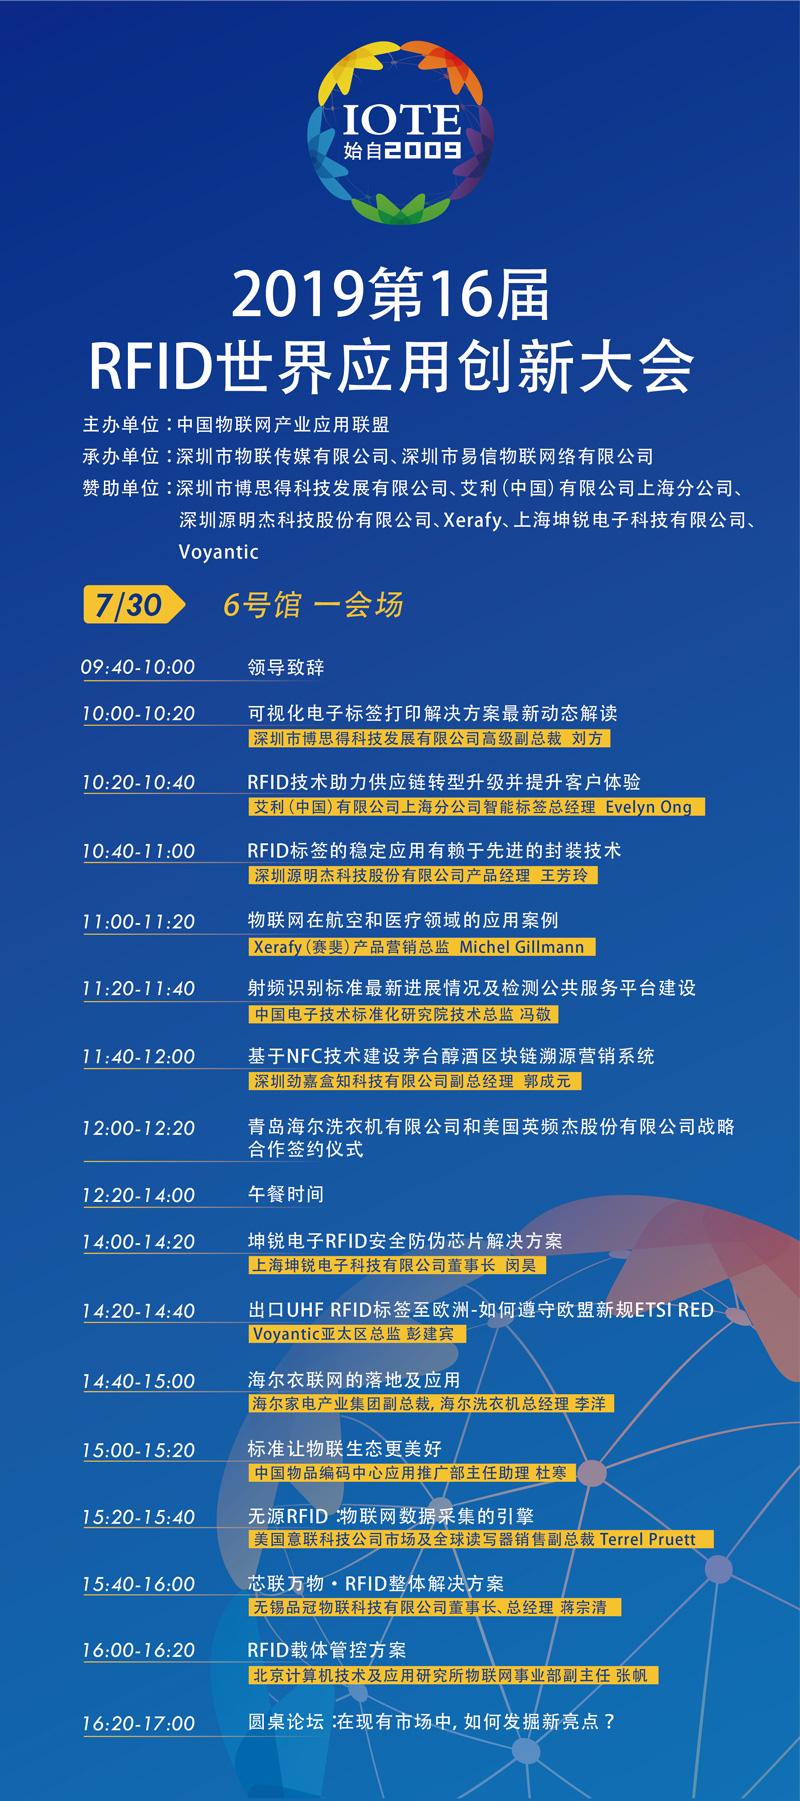 2019第16届RFID世界应用创新大会